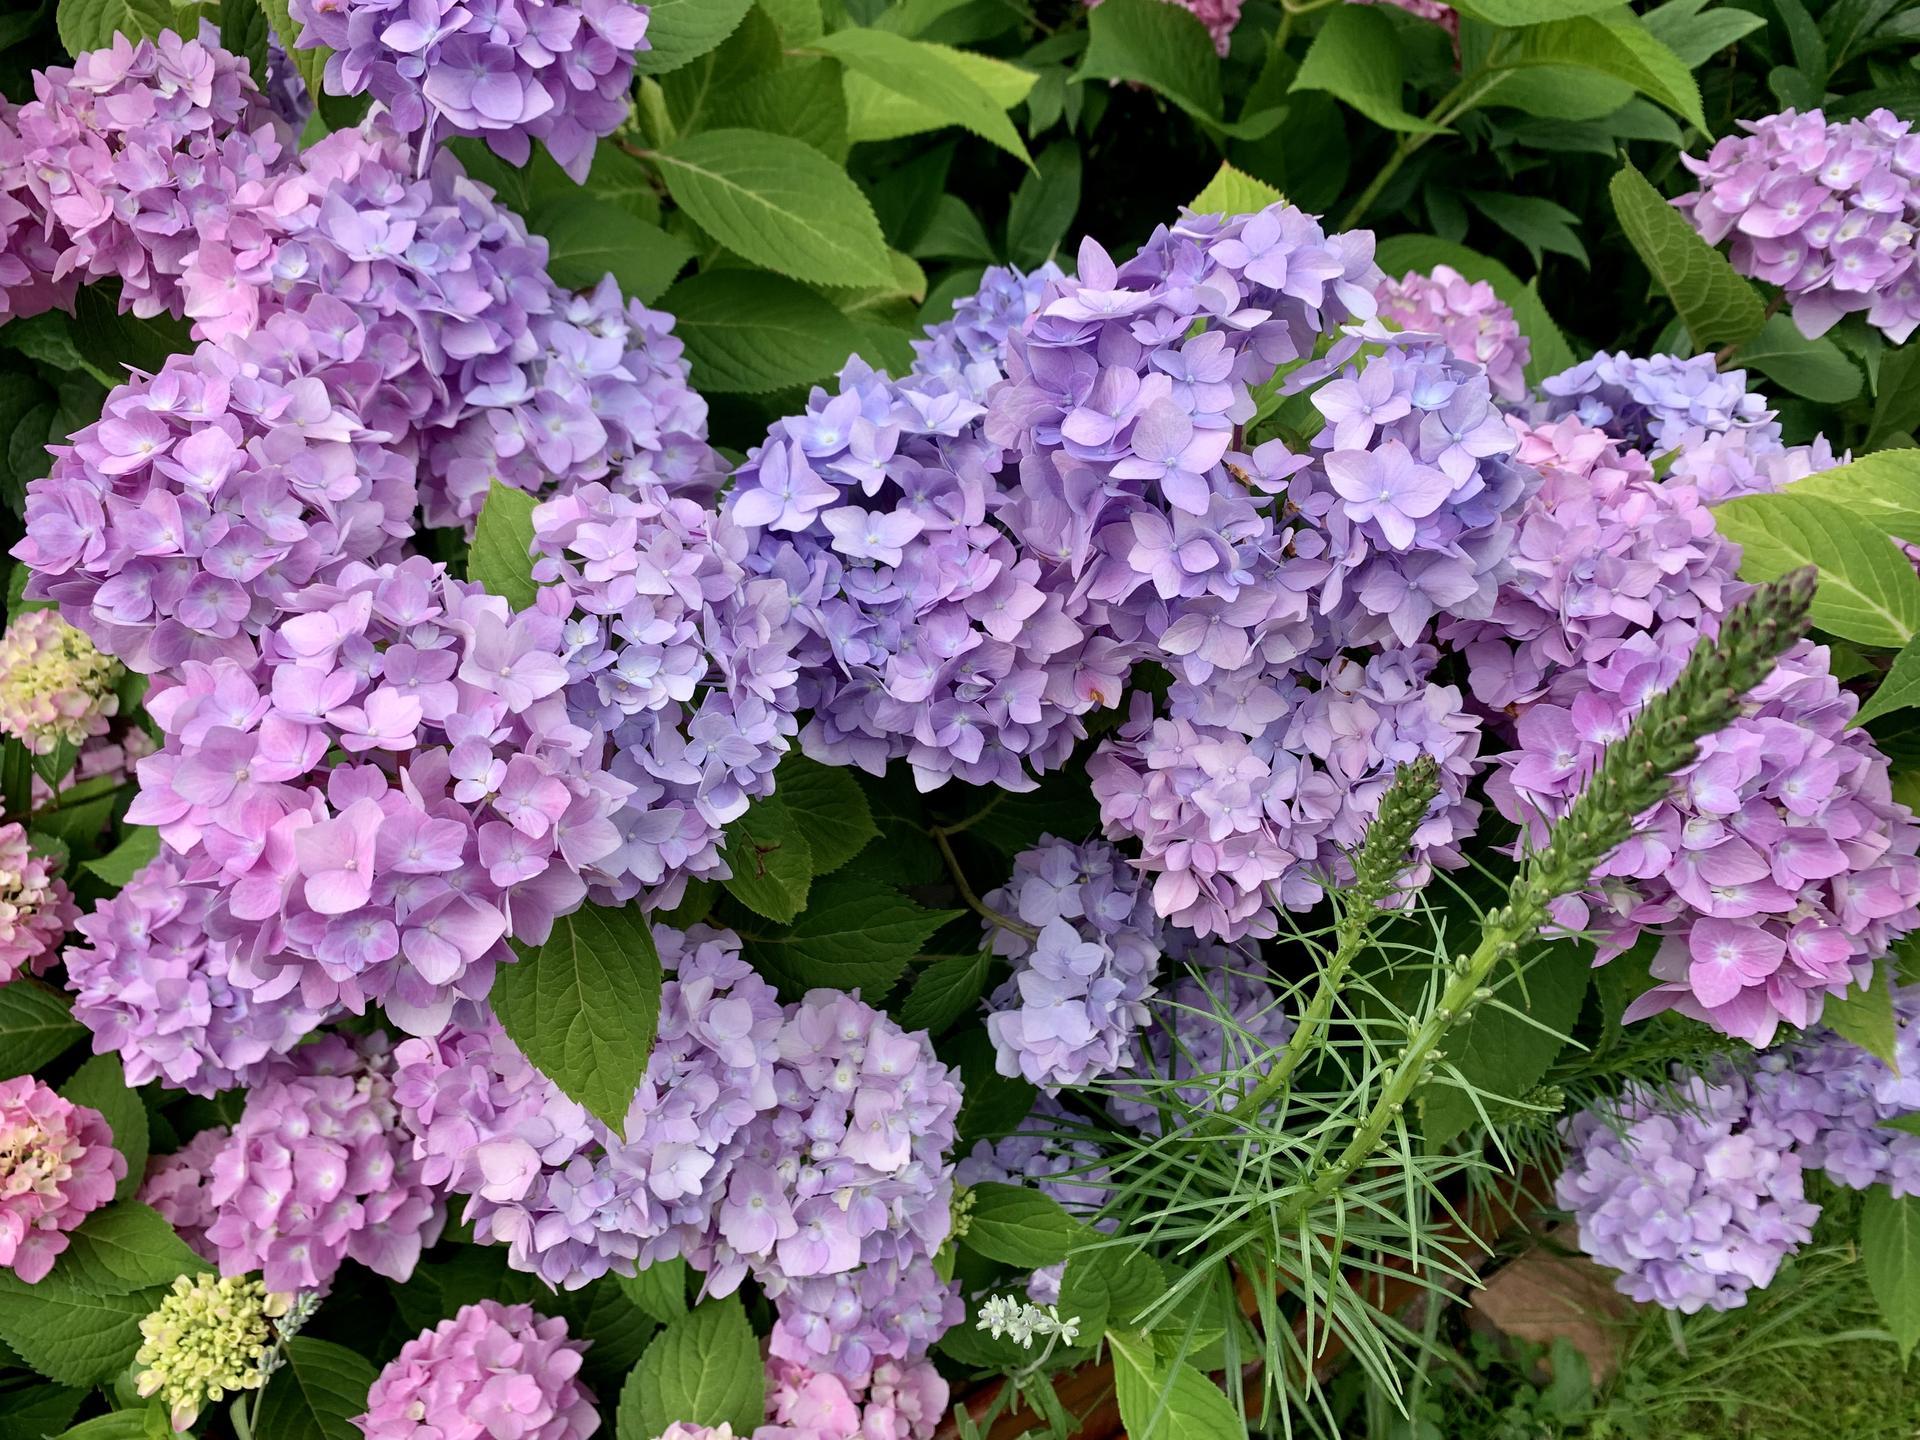 Hortenzie stará několik let,celé roky růžové květy,letos do modra…žádná změna podmínek,zálivky,nehnojím,nechápu…🤷♀️Nevíte,jak ji zase vrátit na růžovou??Děkuji😊 - Obrázek č. 2